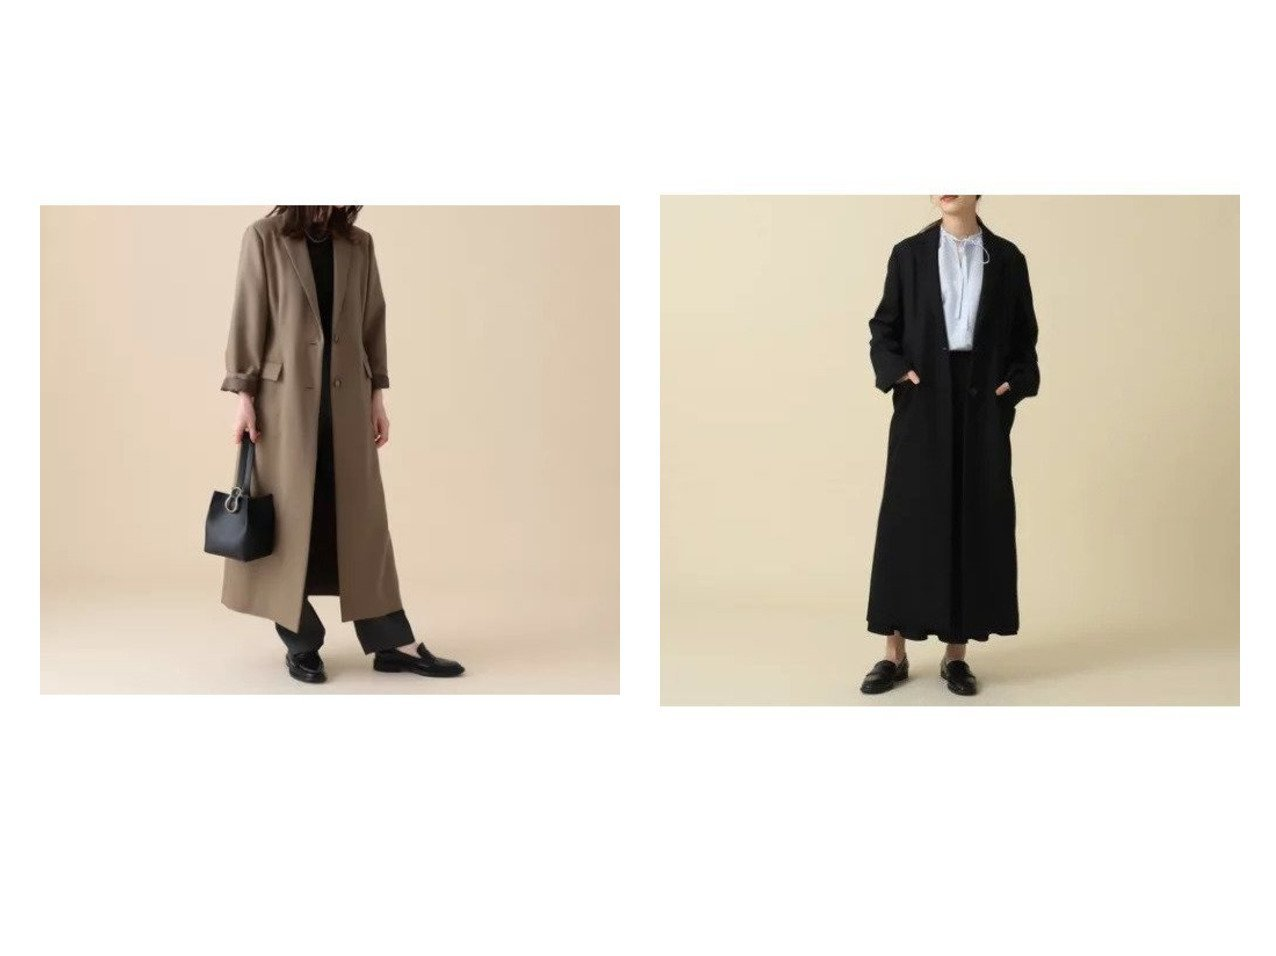 【Demi-Luxe BEAMS/デミルクス ビームス】のDemi- ダブルツイル チェスターコート 【アウター】おすすめ!人気、トレンド・レディースファッションの通販 おすすめで人気の流行・トレンド、ファッションの通販商品 インテリア・家具・メンズファッション・キッズファッション・レディースファッション・服の通販 founy(ファニー) https://founy.com/ ファッション Fashion レディースファッション WOMEN アウター Coat Outerwear コート Coats チェスターコート Top Coat シェイプ ジャケット スリット チェスターコート ロング |ID:crp329100000057897